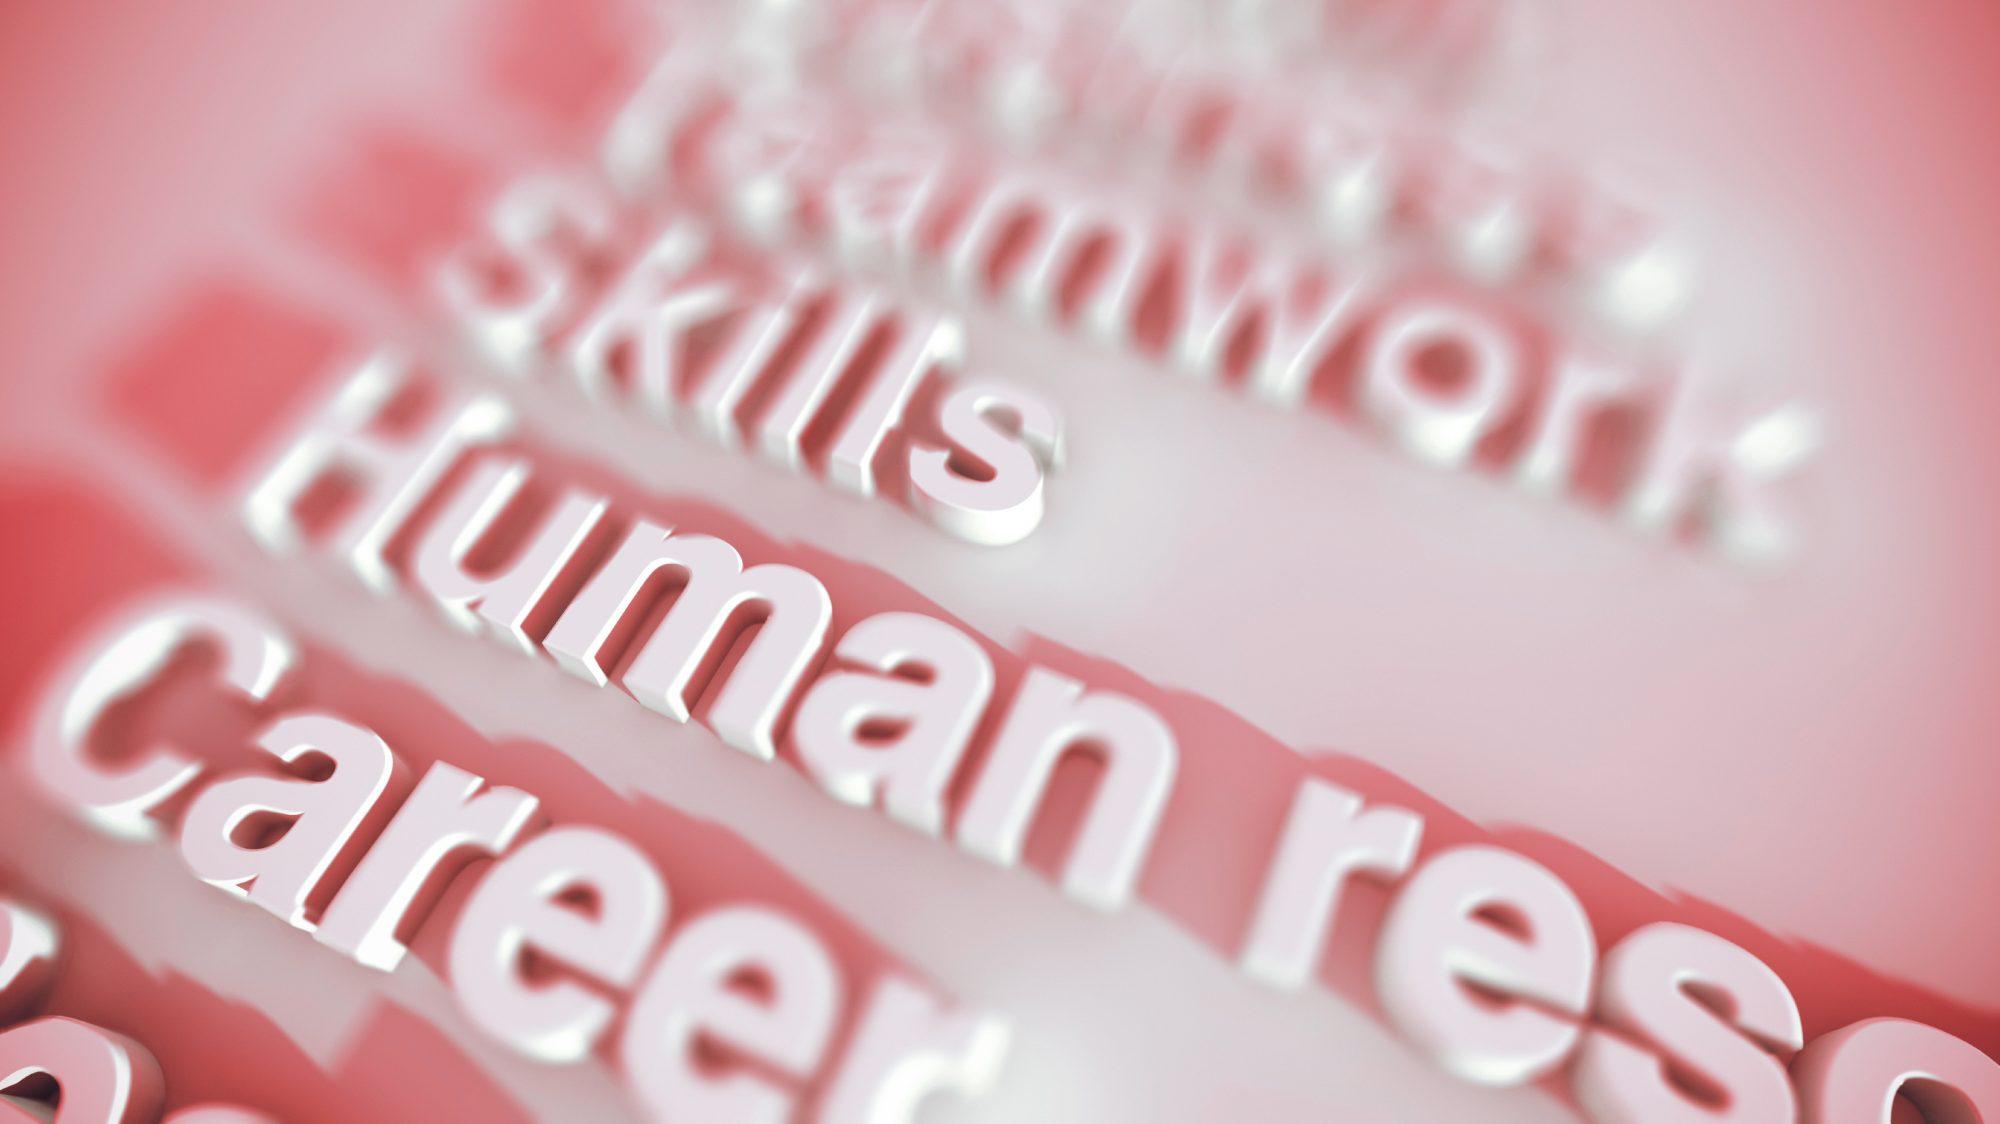 human resources, skills, career, reamwork keywords rendered in 3D type